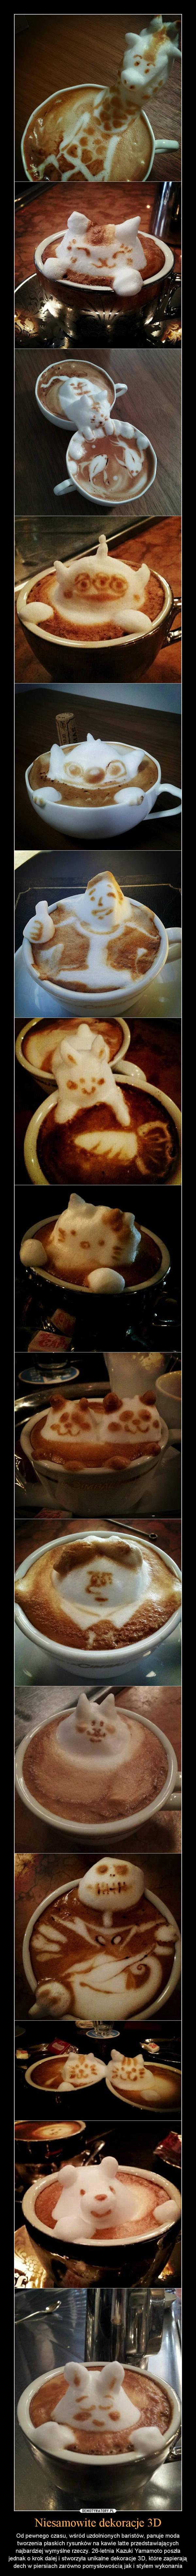 Niesamowite dekoracje 3D – Od pewnego czasu, wśród uzdolnionych baristów, panuje moda tworzenia płaskich rysunków na kawie latte przedstawiających najbardziej wymyślne rzeczy. 26-letnia Kazuki Yamamoto poszła jednak o krok dalej i stworzyła unikalne dekoracje 3D, które zapierają dech w piersiach zarówno pomysłowością jak i stylem wykonania